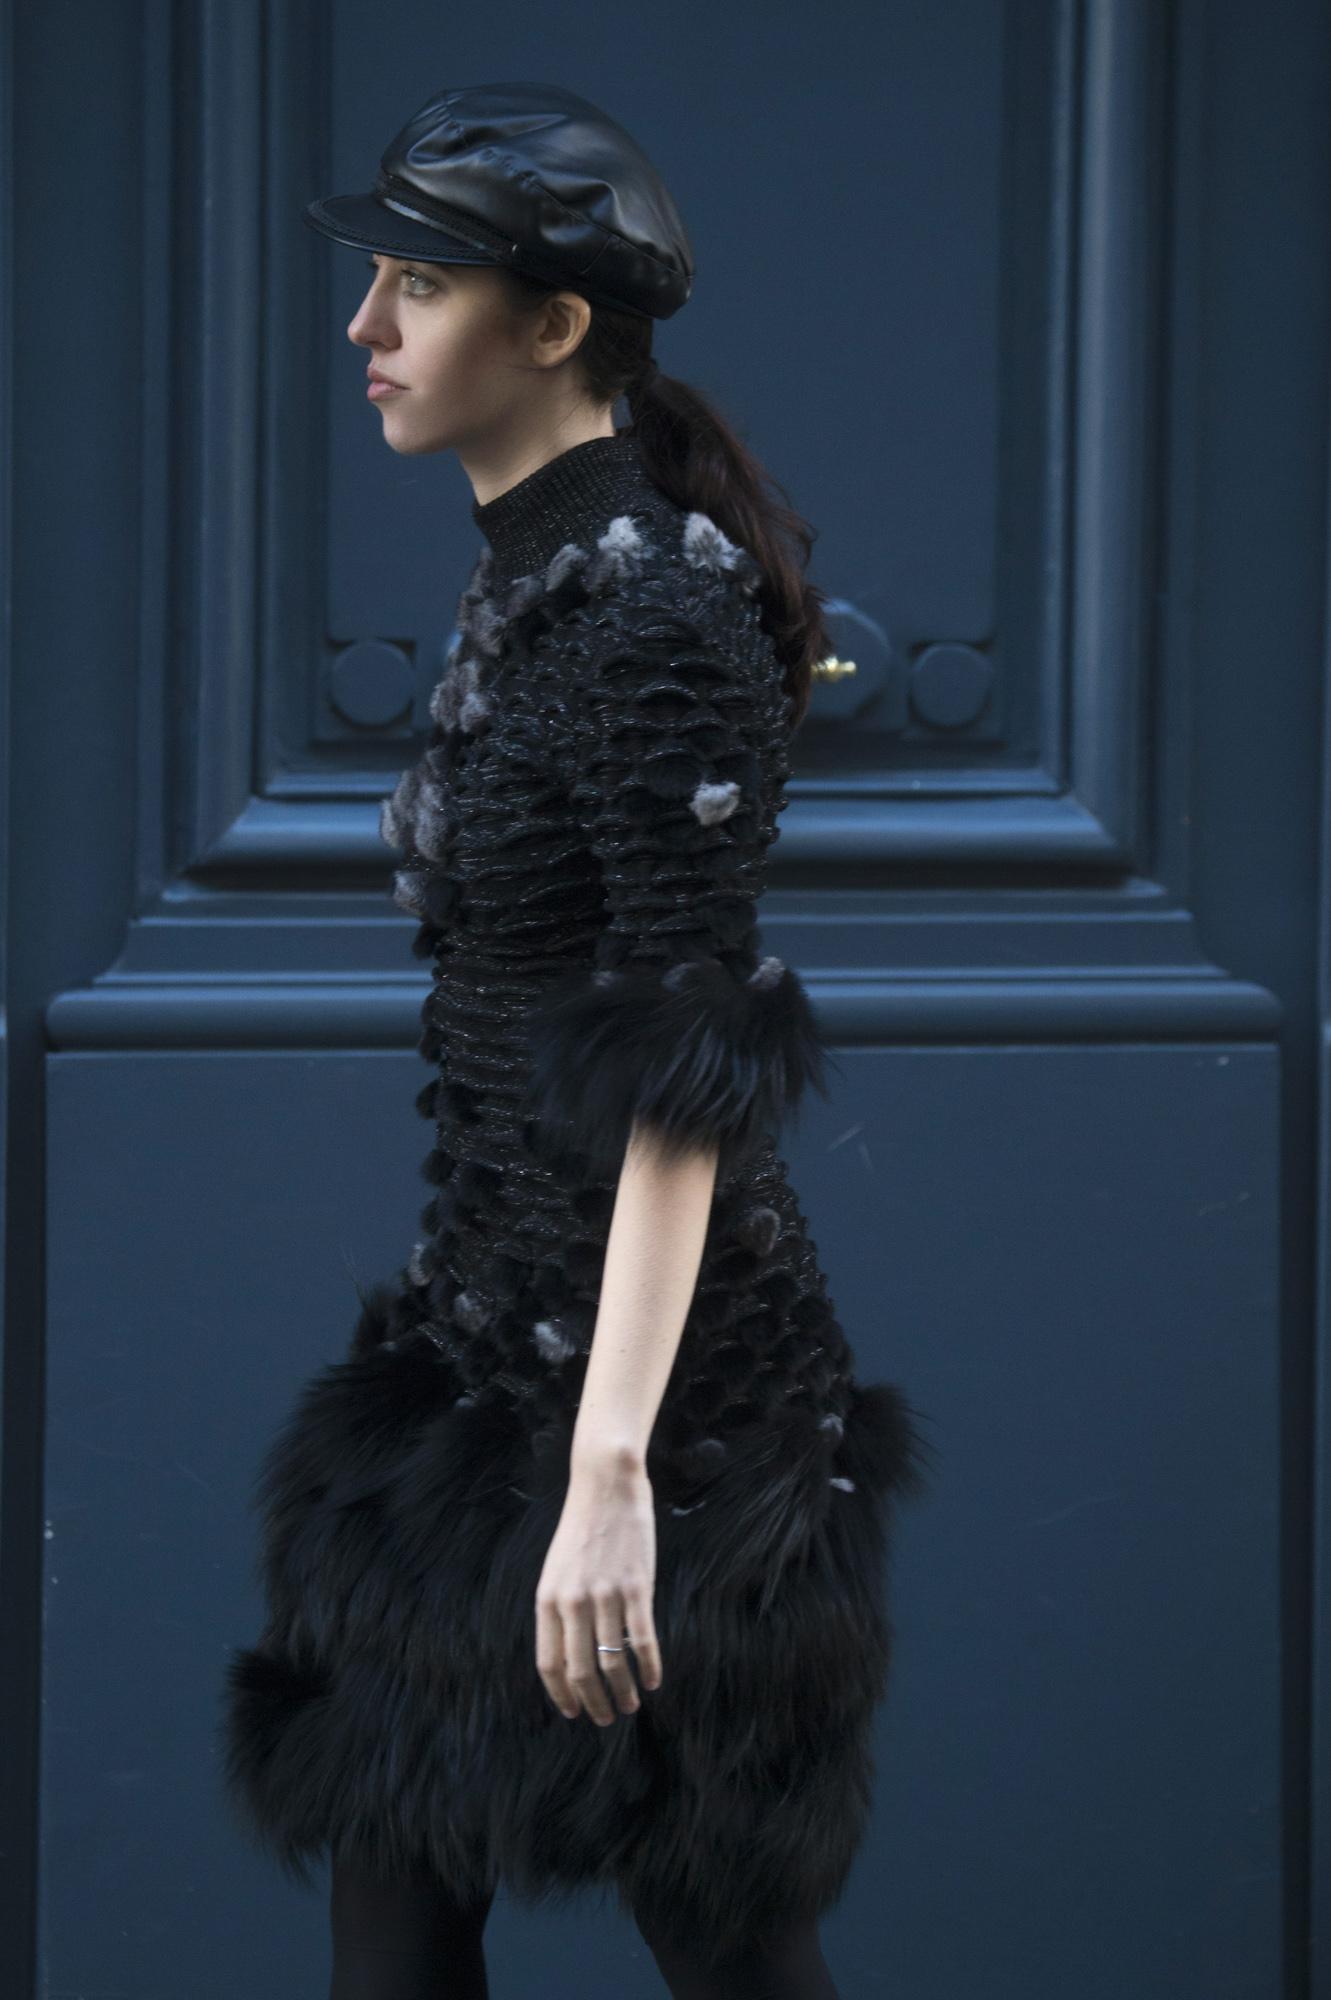 vestito-in-pelliccia-per-alta-moda-003